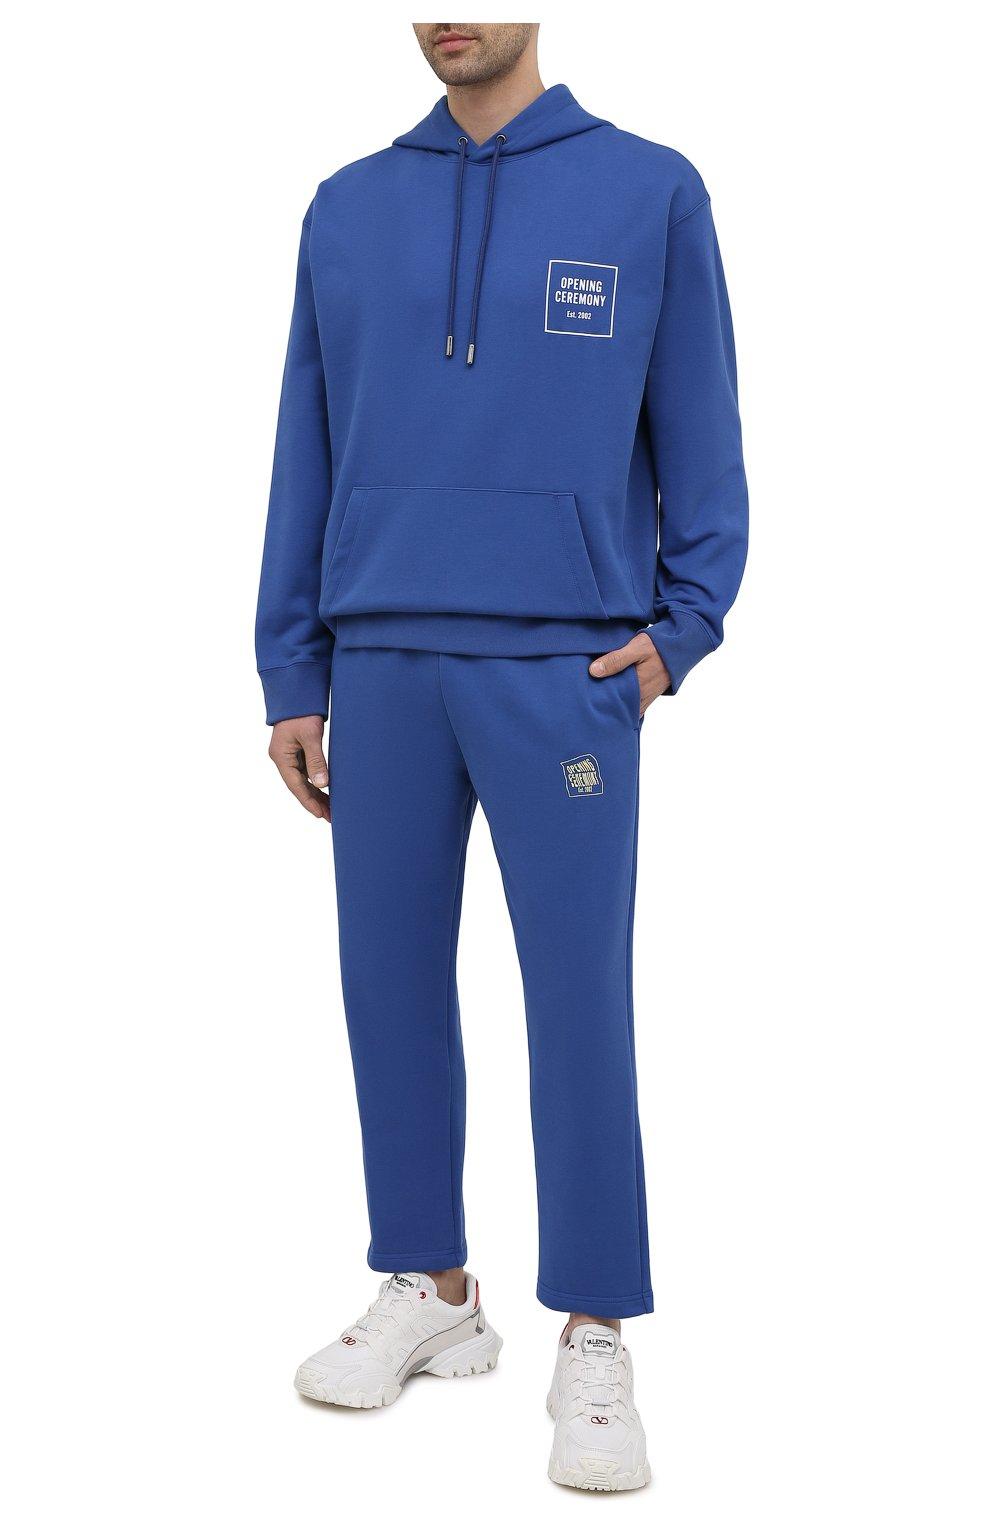 Мужские хлопковые брюки OPENING CEREMONY синего цвета, арт. YMCH003S21FLE002 | Фото 2 (Мужское Кросс-КТ: Брюки-трикотаж; Кросс-КТ: Спорт; Материал внешний: Хлопок; Стили: Спорт-шик; Длина (брюки, джинсы): Укороченные)